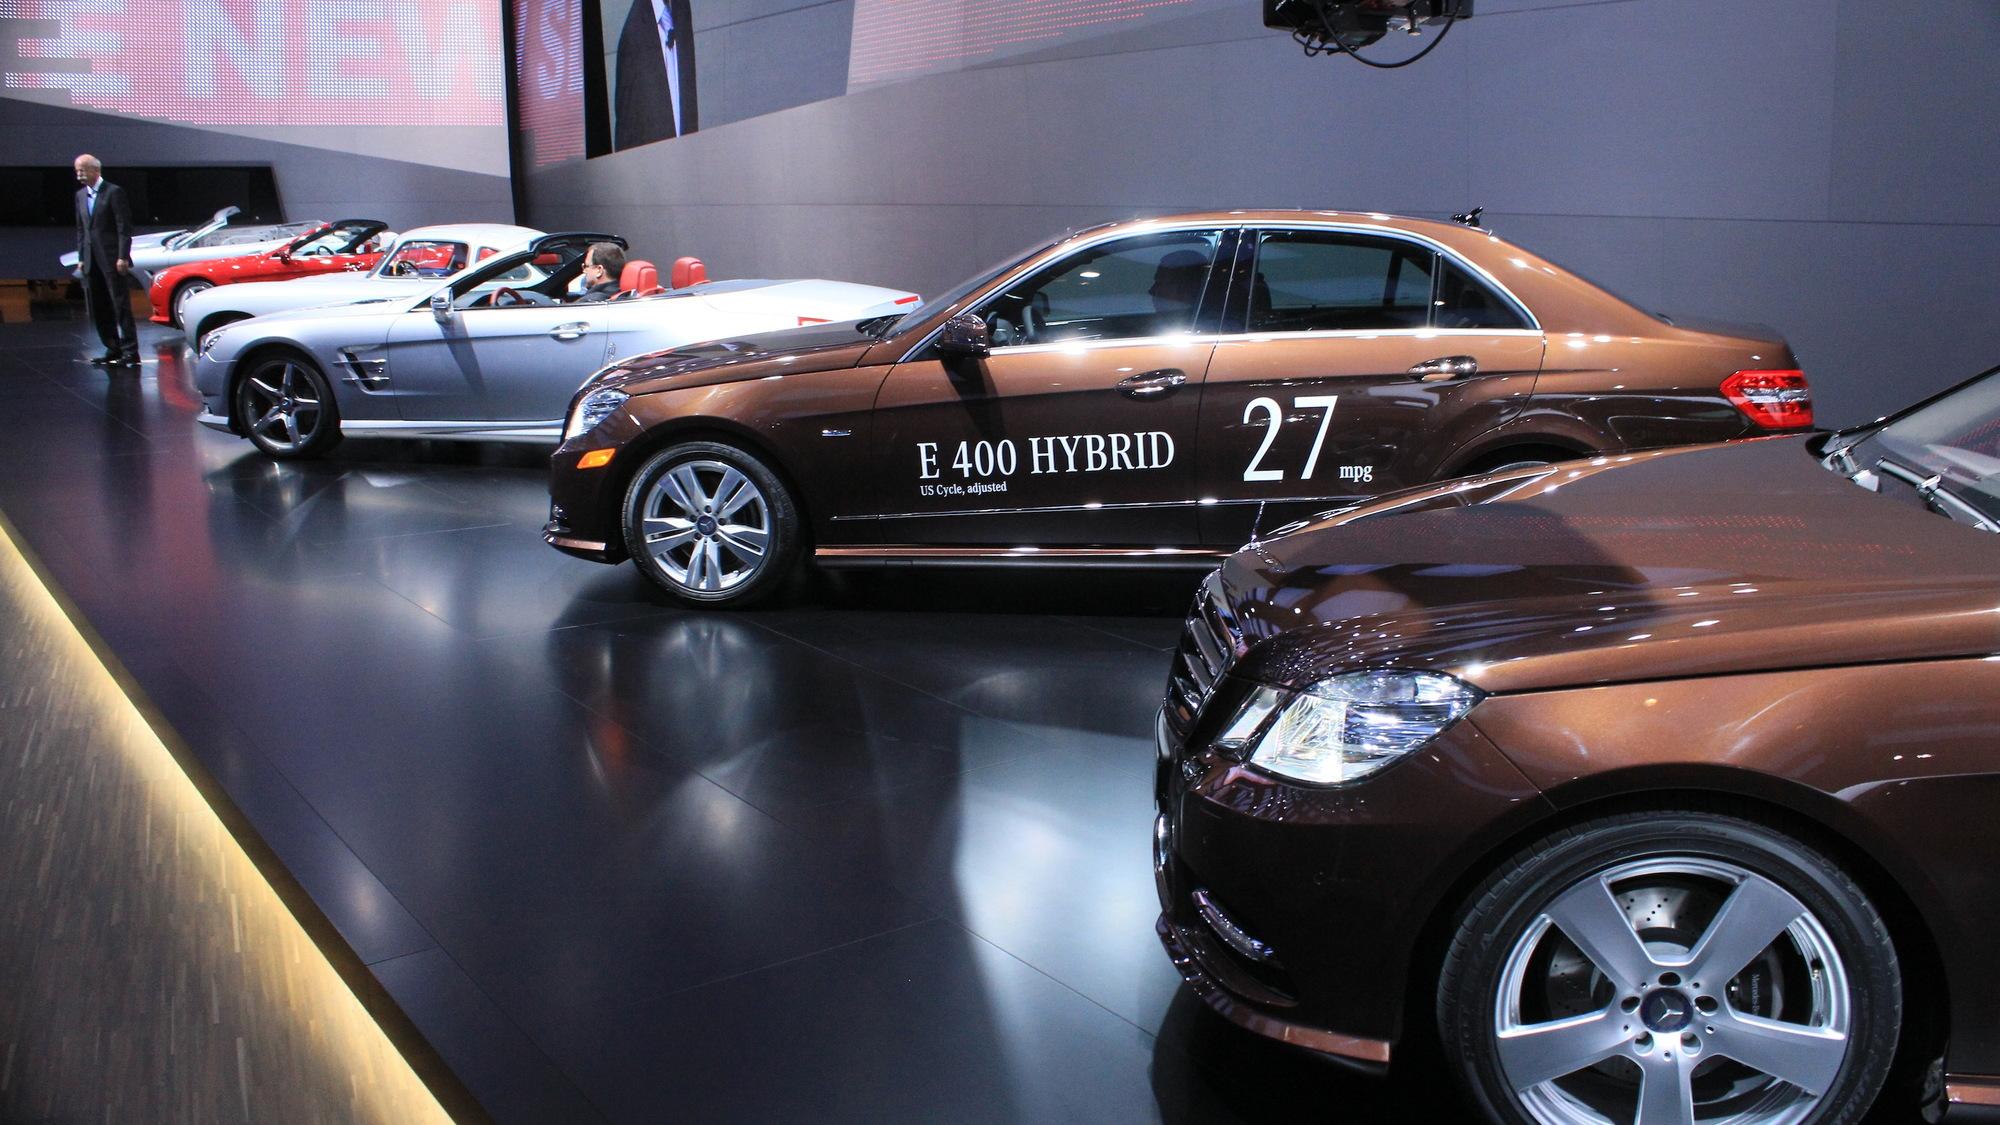 Mercedes-Benz E400 Hybrid and E300 Bluetec Hybrid live photos